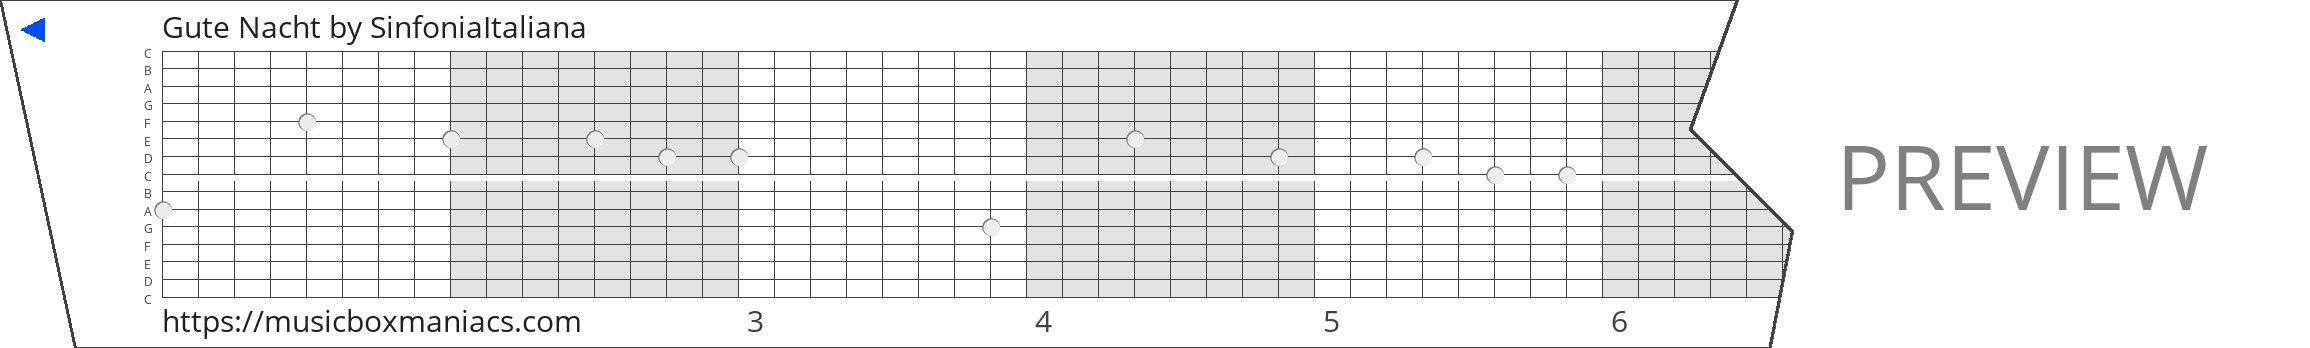 Gute Nacht 15 note music box paper strip